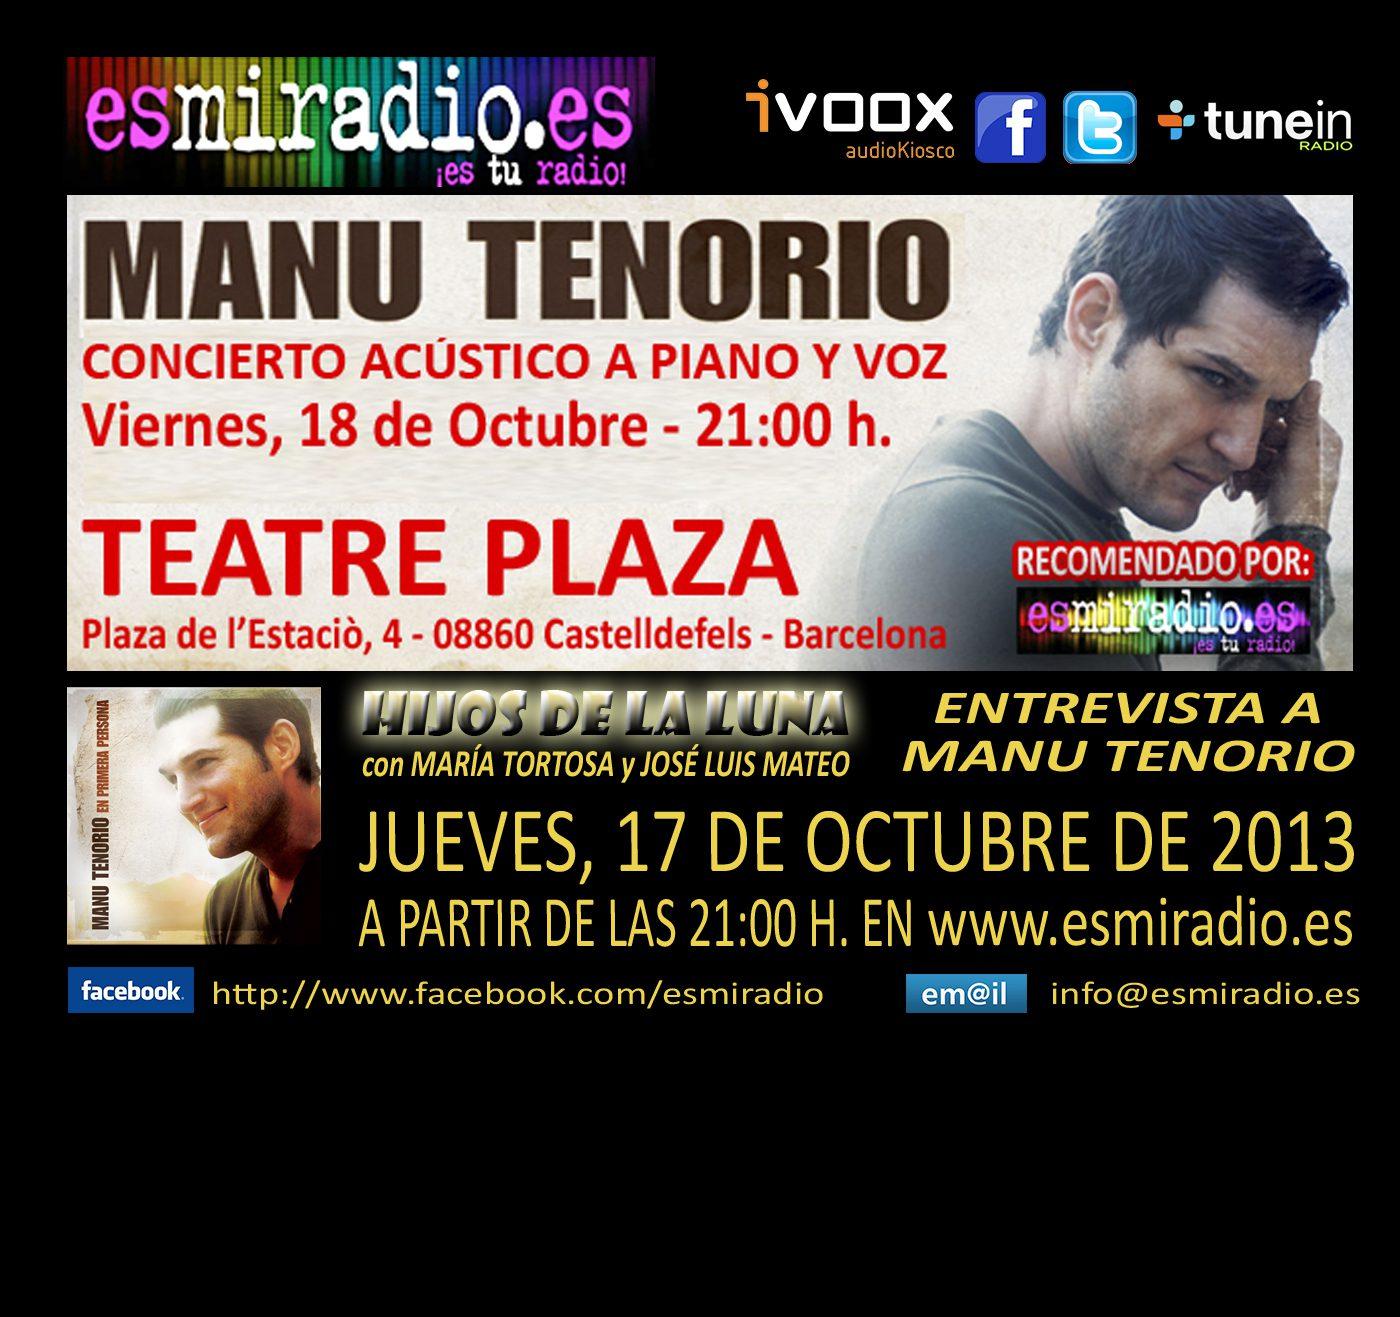 Hoy 17 de Octubre Manu Tenorio en esmiradio.es